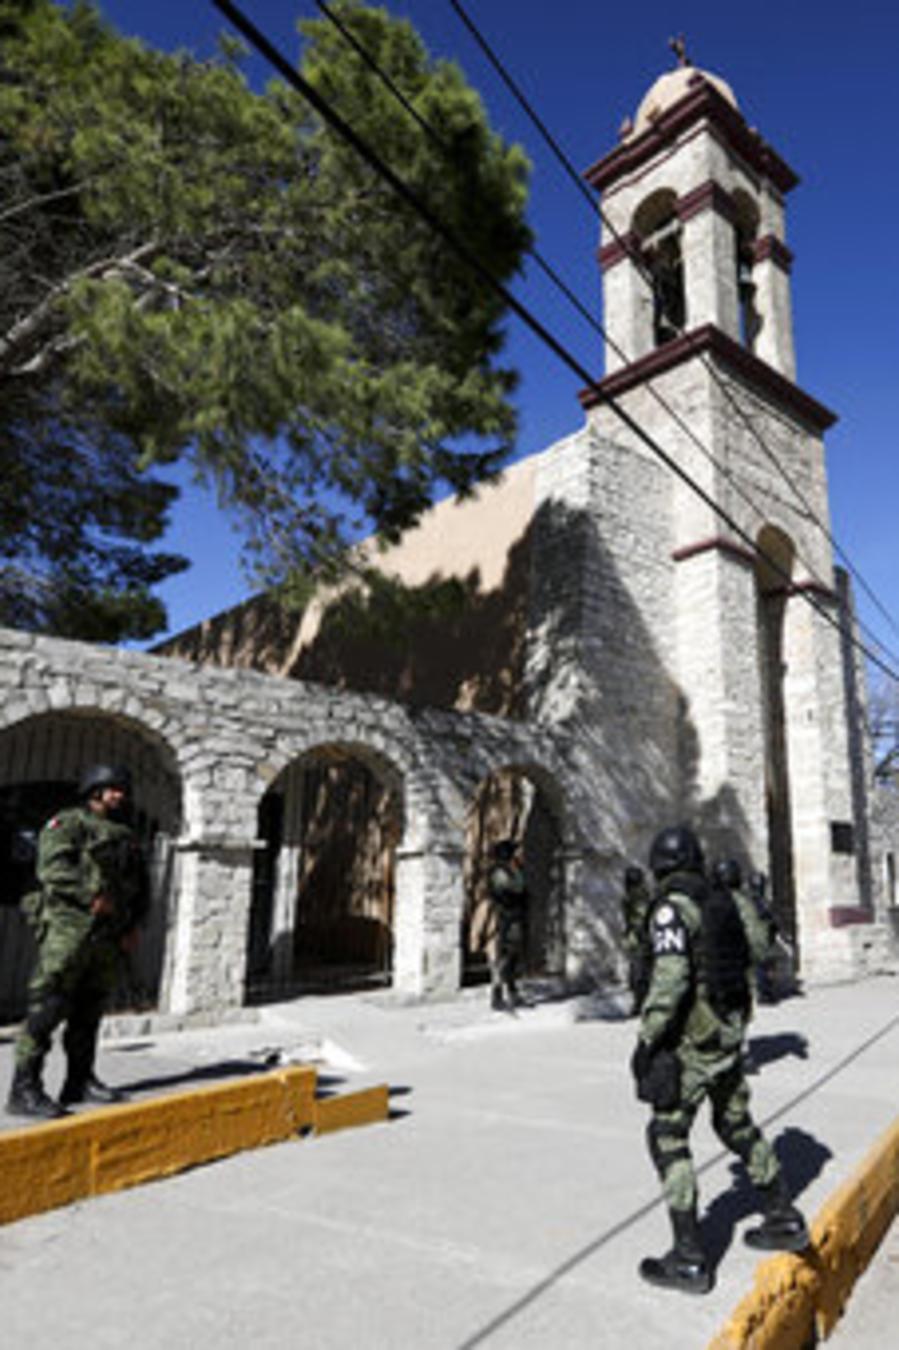 Foto de archivo de agentes de seguridad en Coahuila